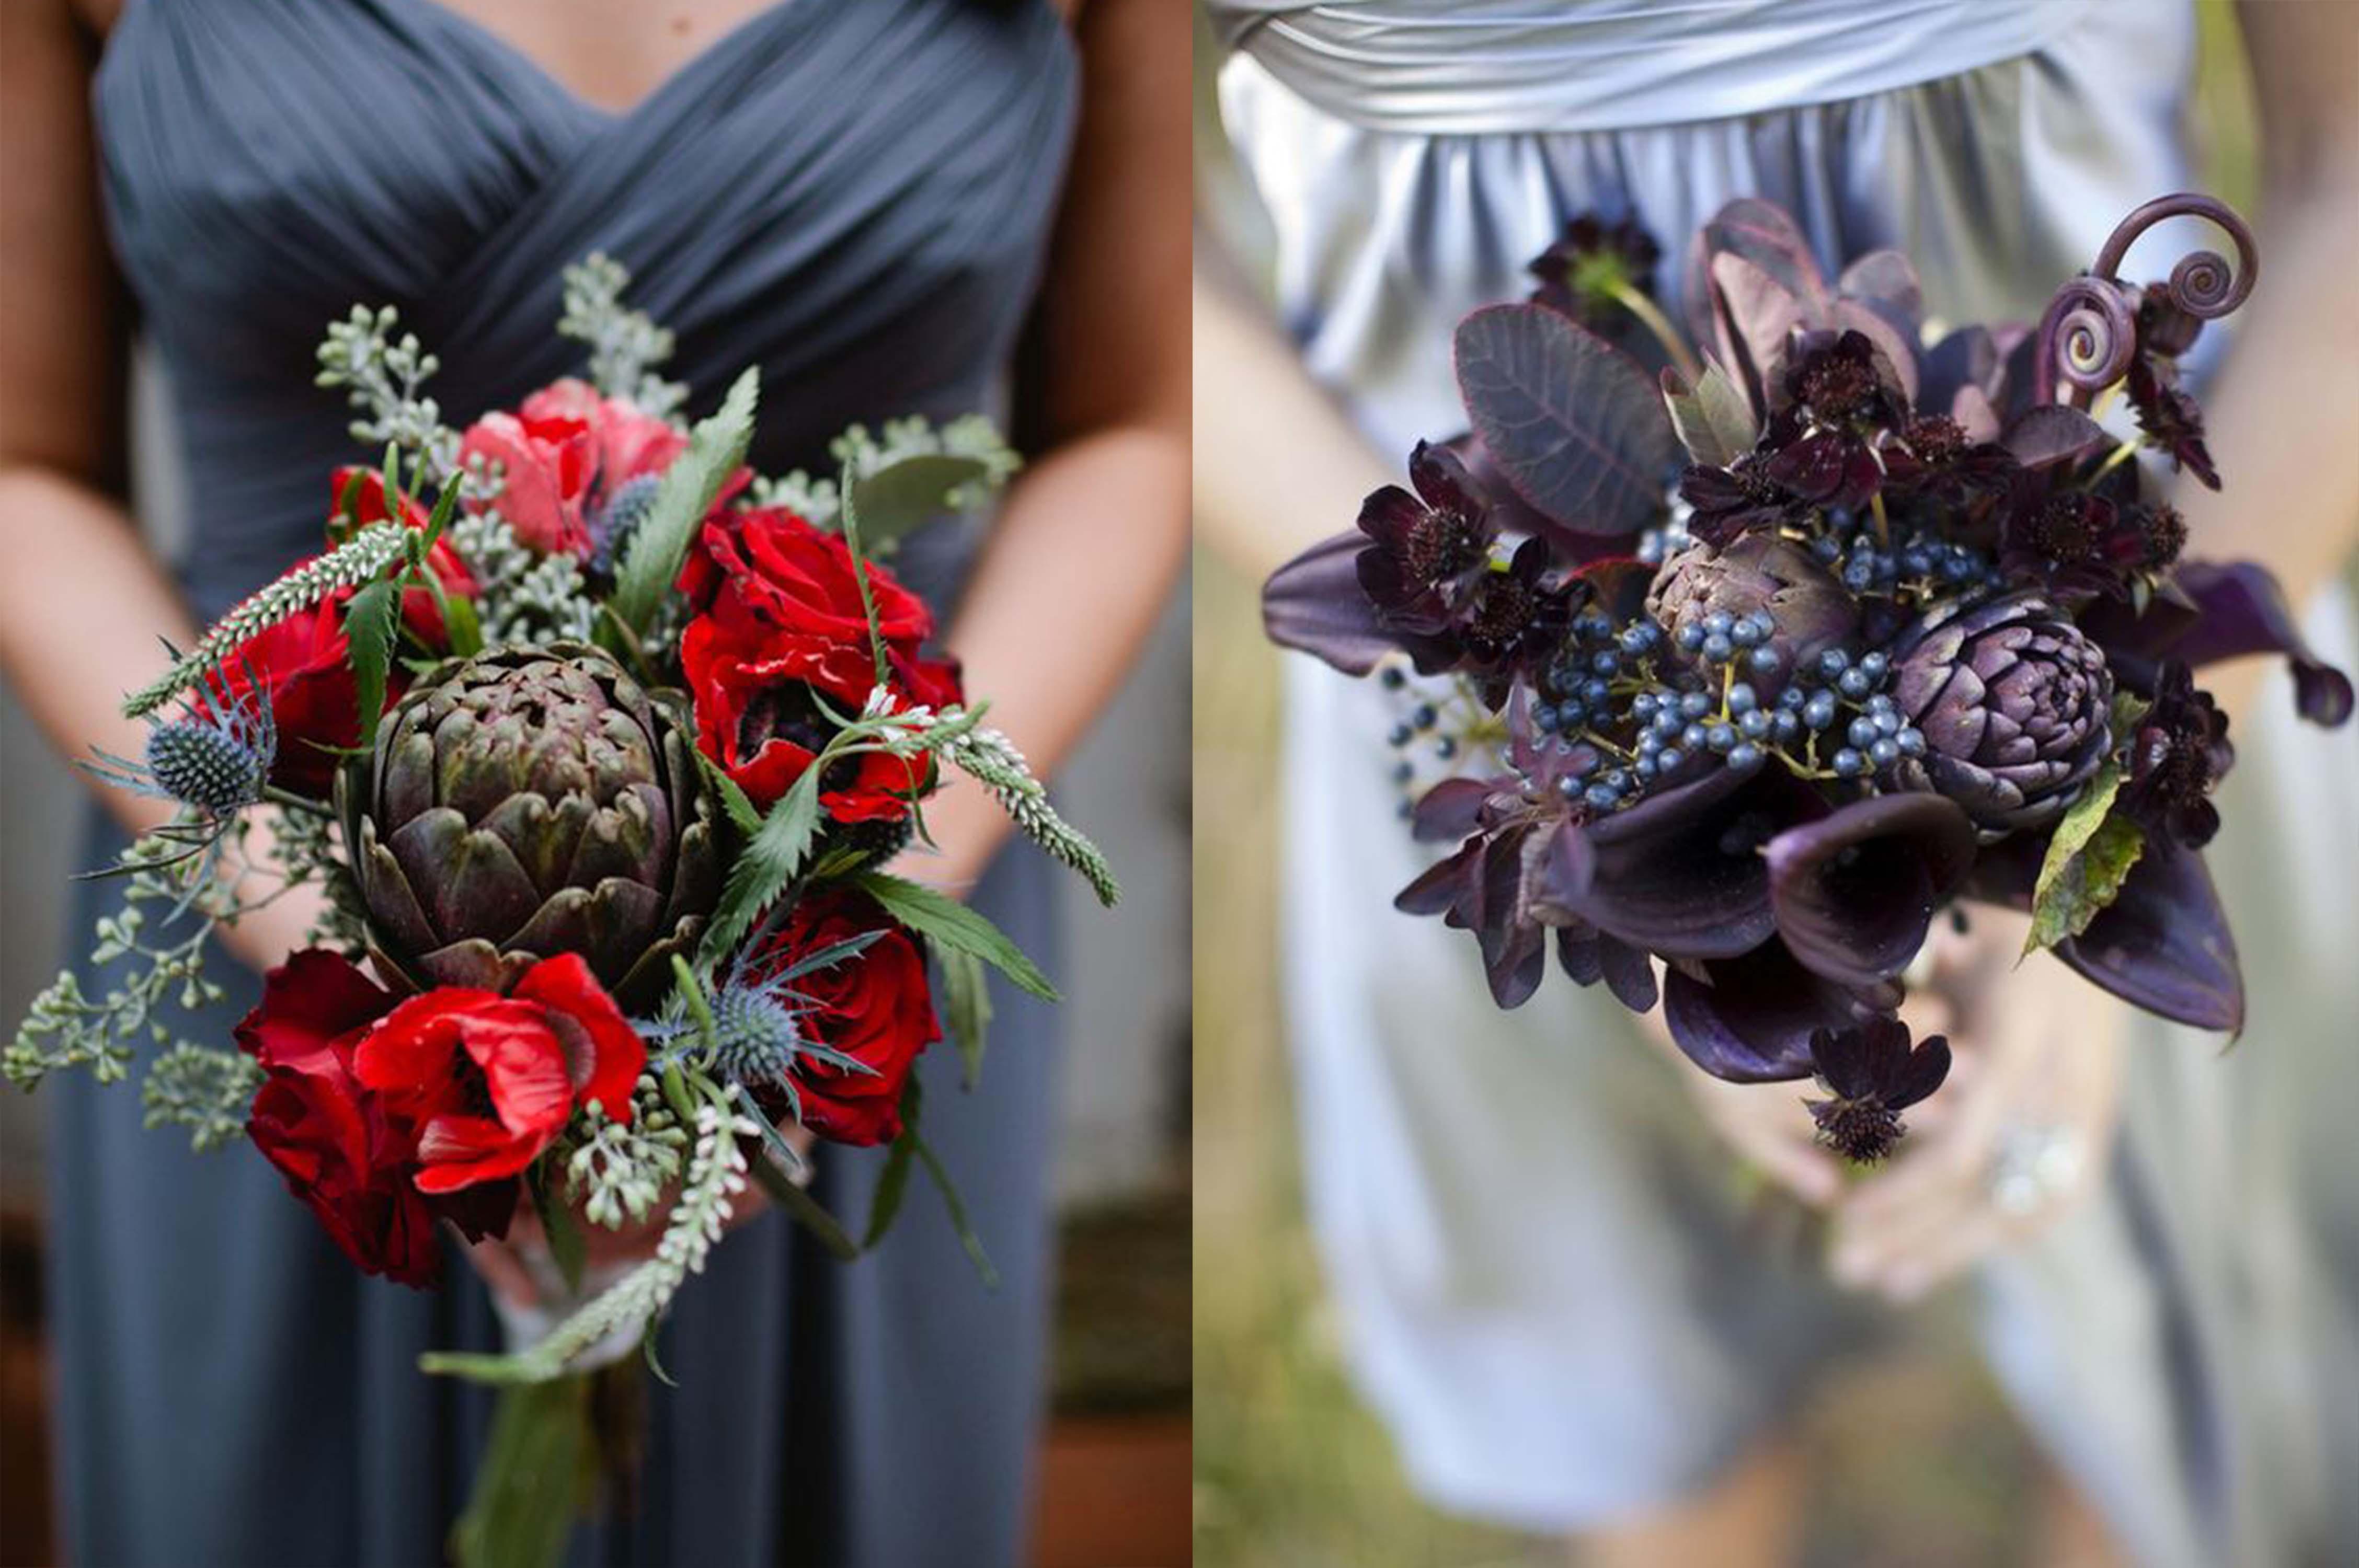 Bouquet sposa 2018  le tendenze 2018 in fatto di fiori per le nozze e577b7cc065